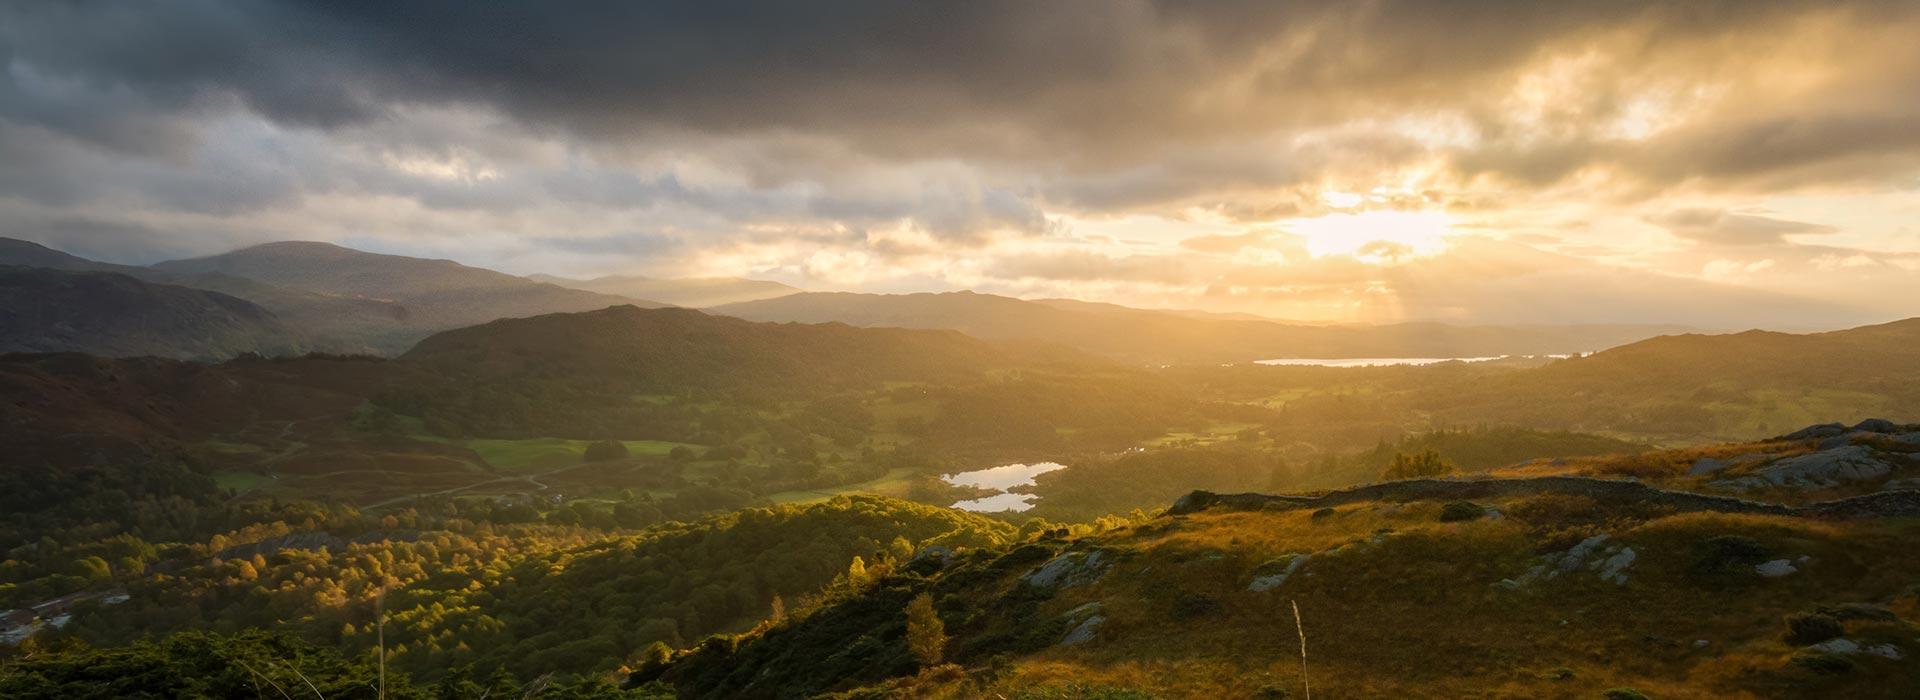 Ireland Scotland Tours